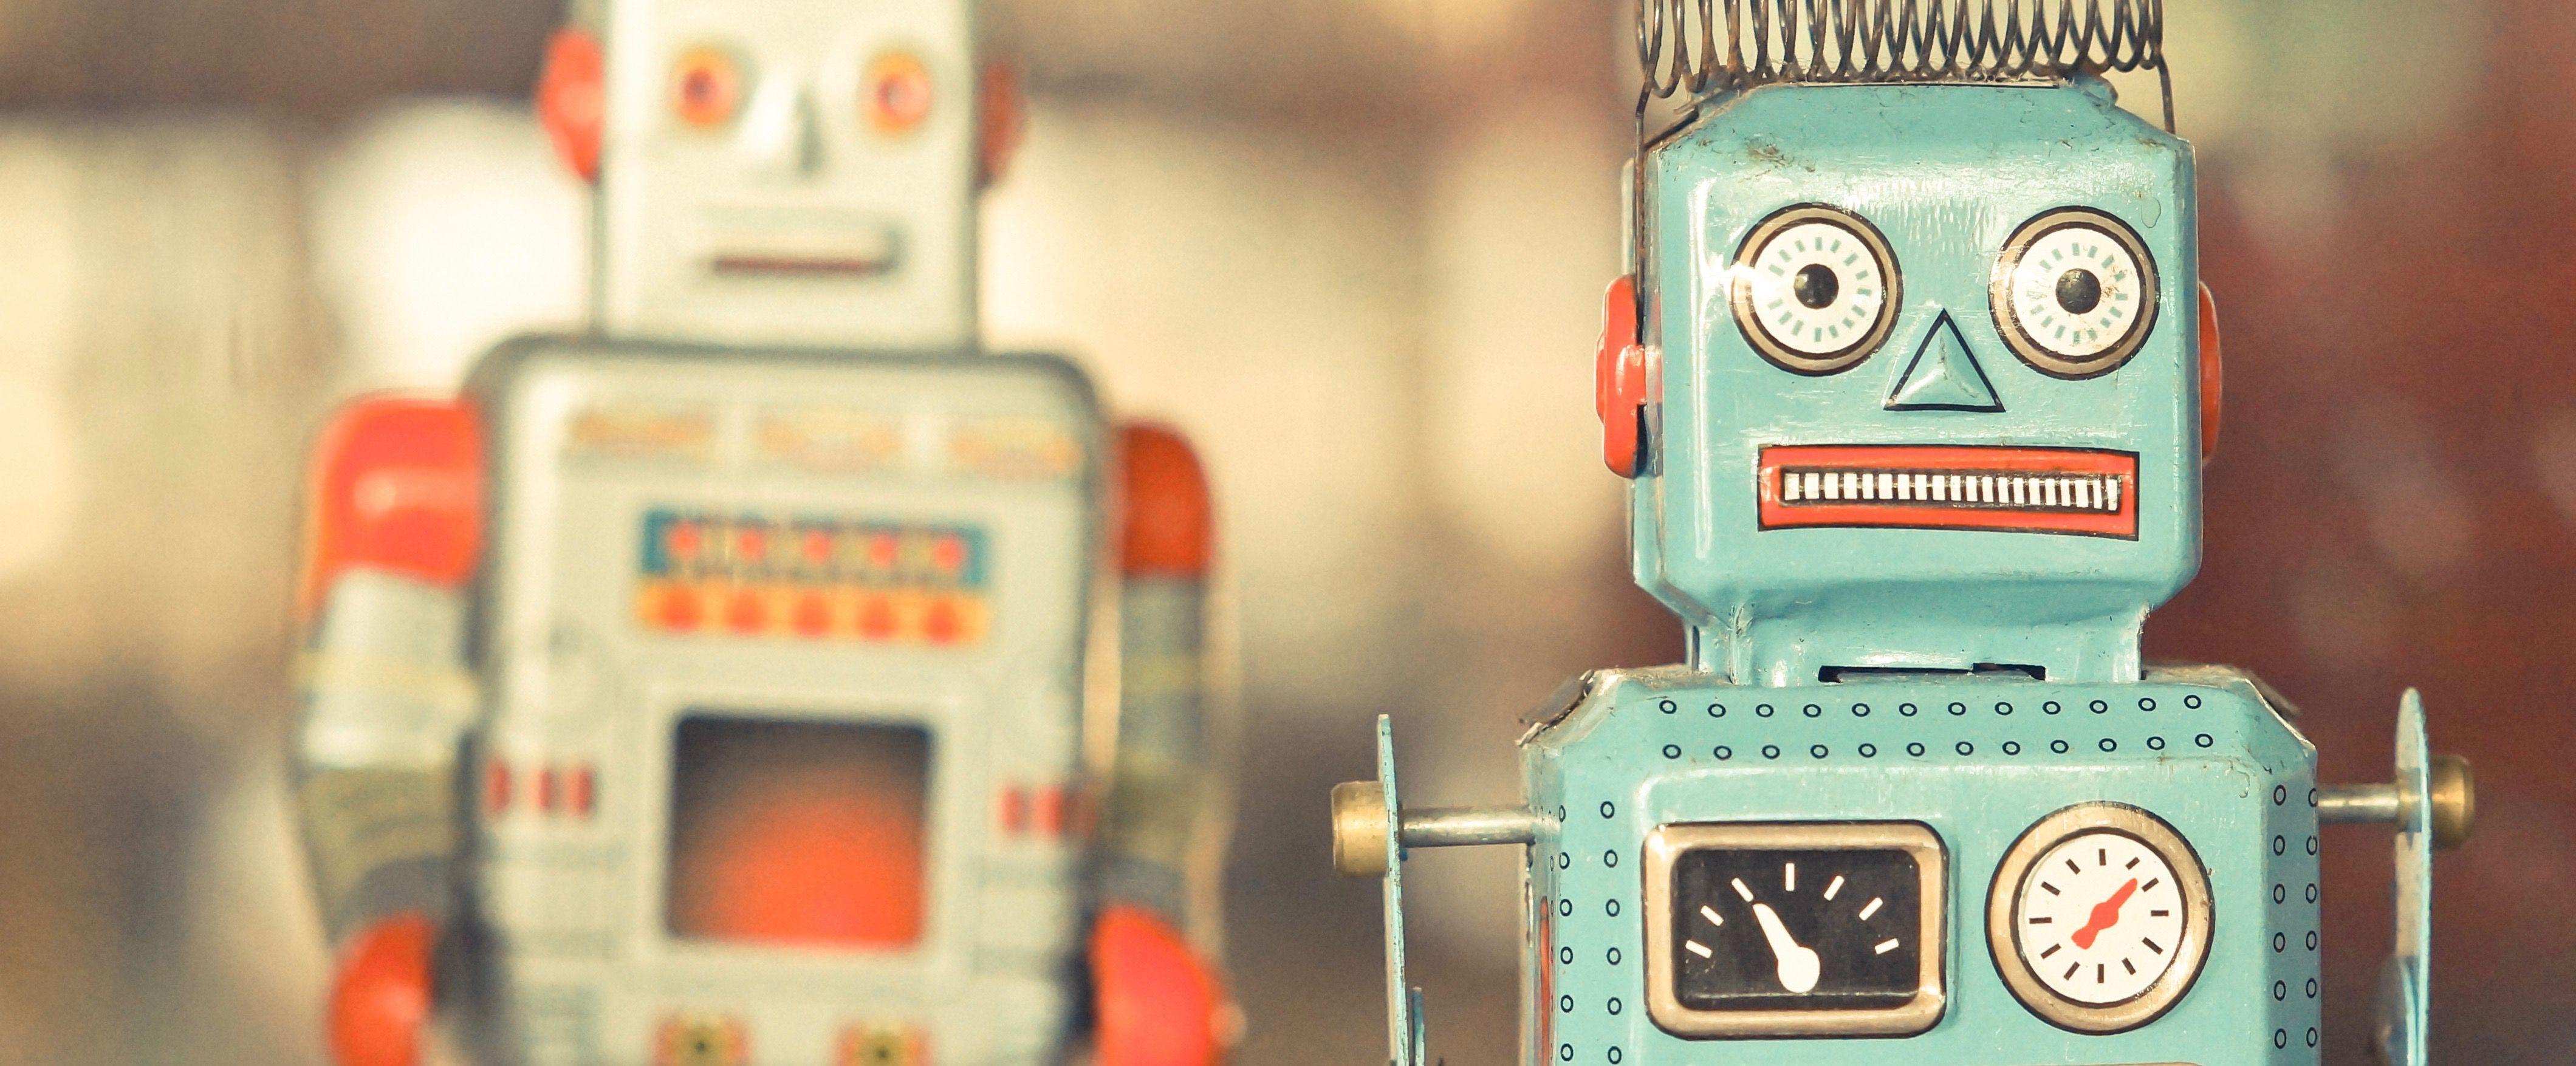 Good-Bots-vs.-Bad-Bots-compressor.jpg